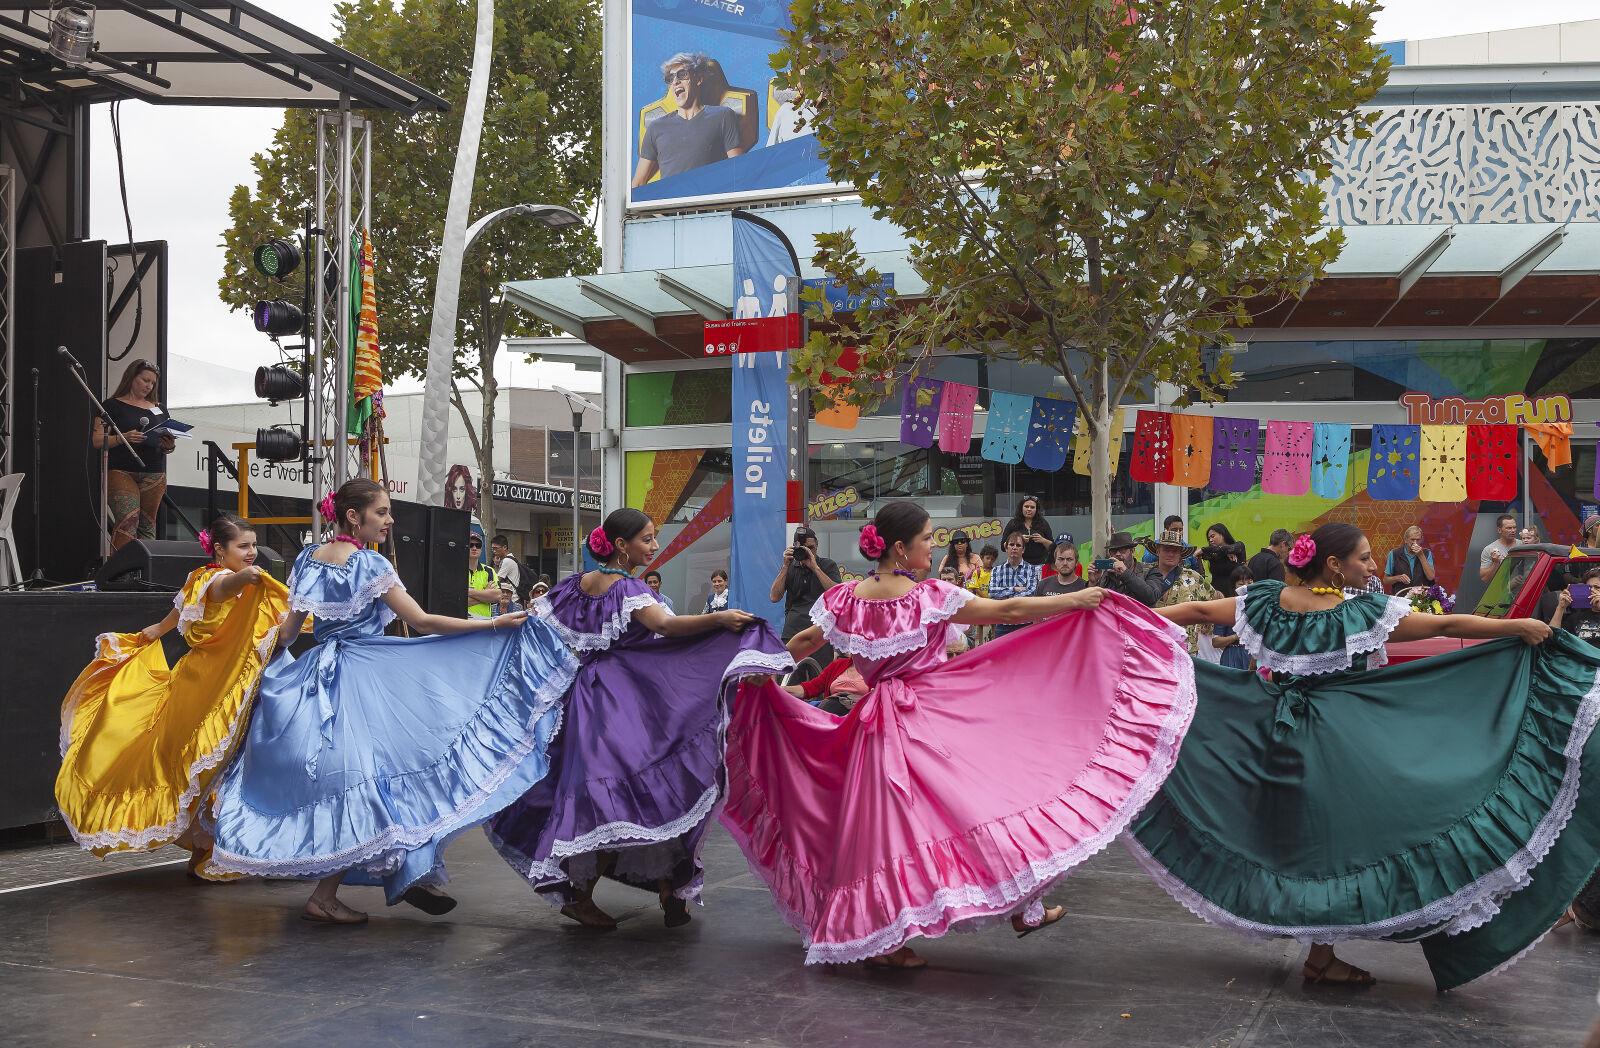 dancers, dresses, events, mexican